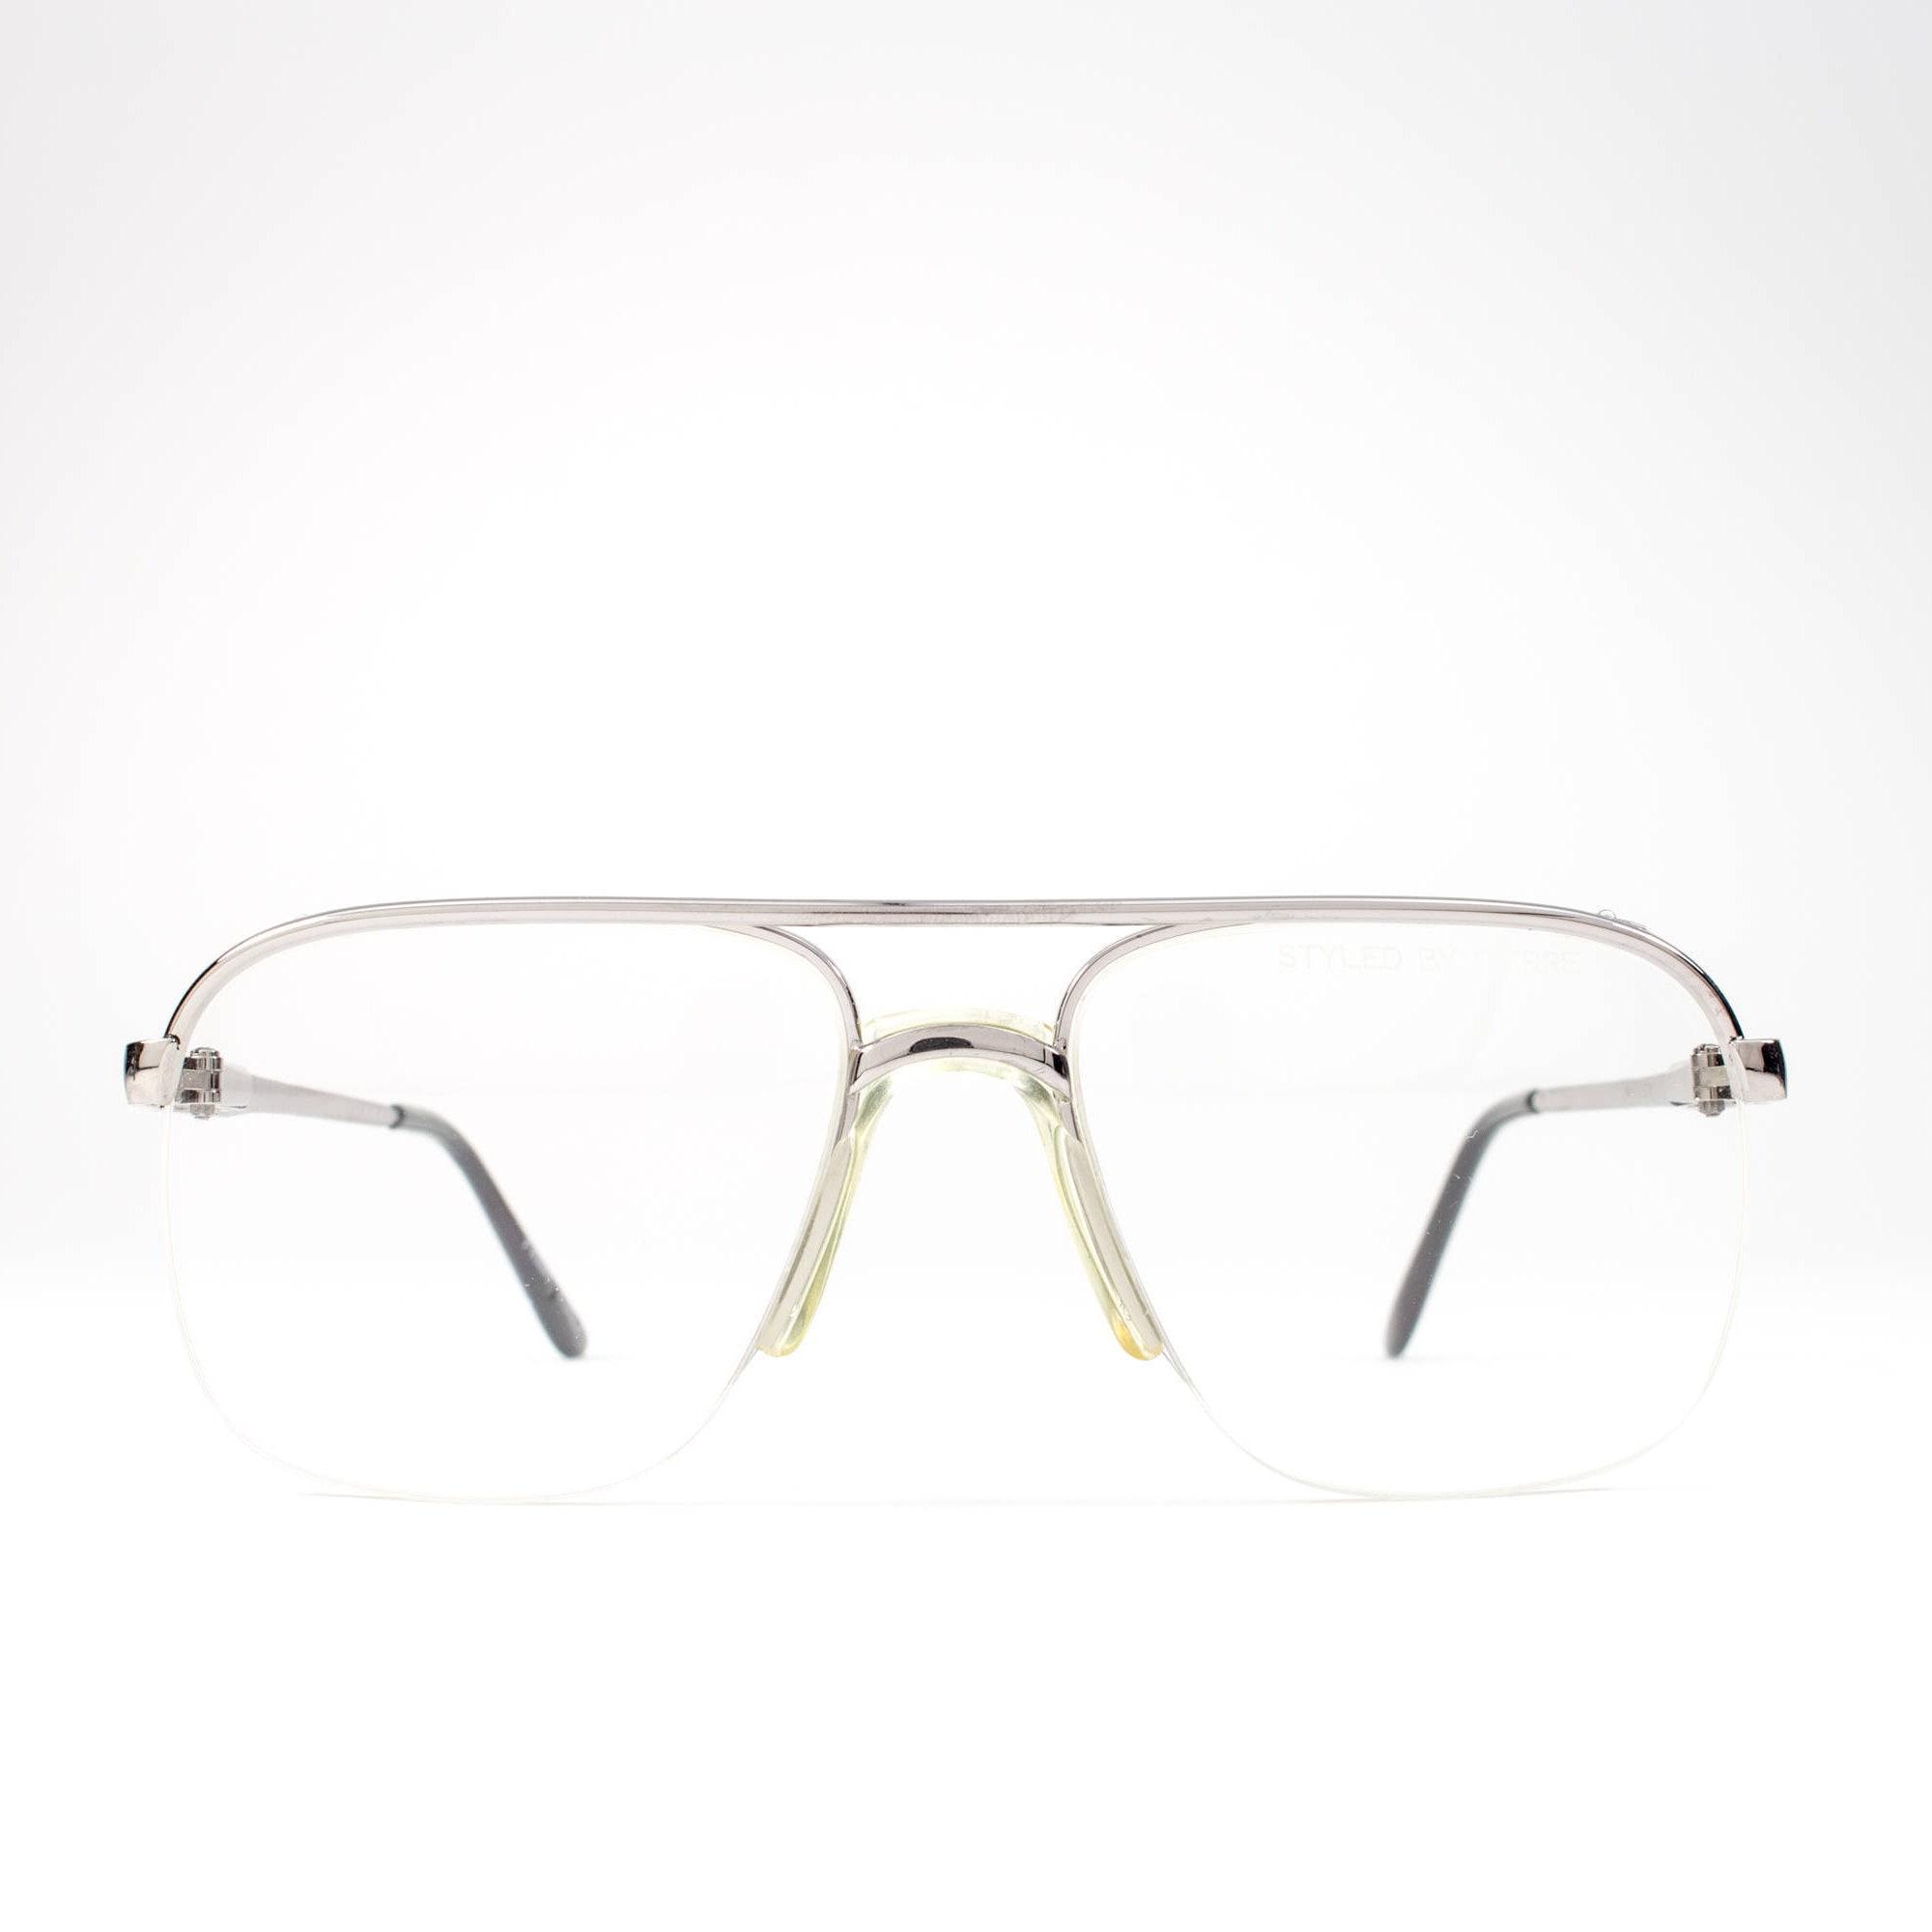 80s Vintage Eyeglasses | Aviator Glasses Frames | 1980s Eyeglasses ...